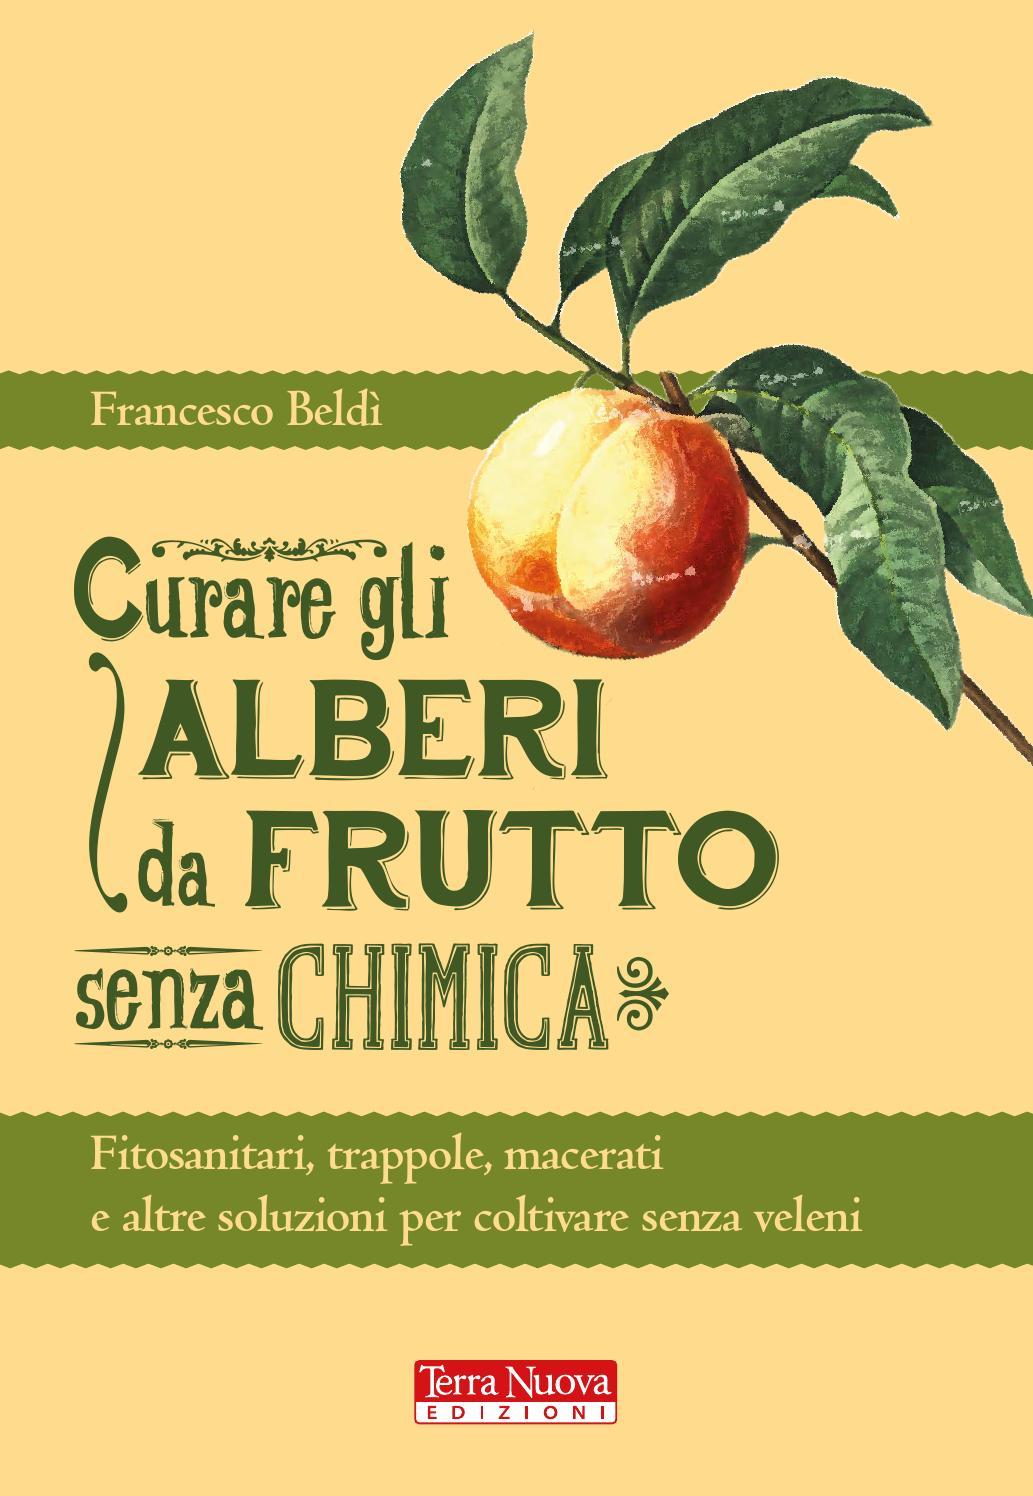 Curare gli alberi da frutto senza chimica by terra nuova for Alberi da frutto